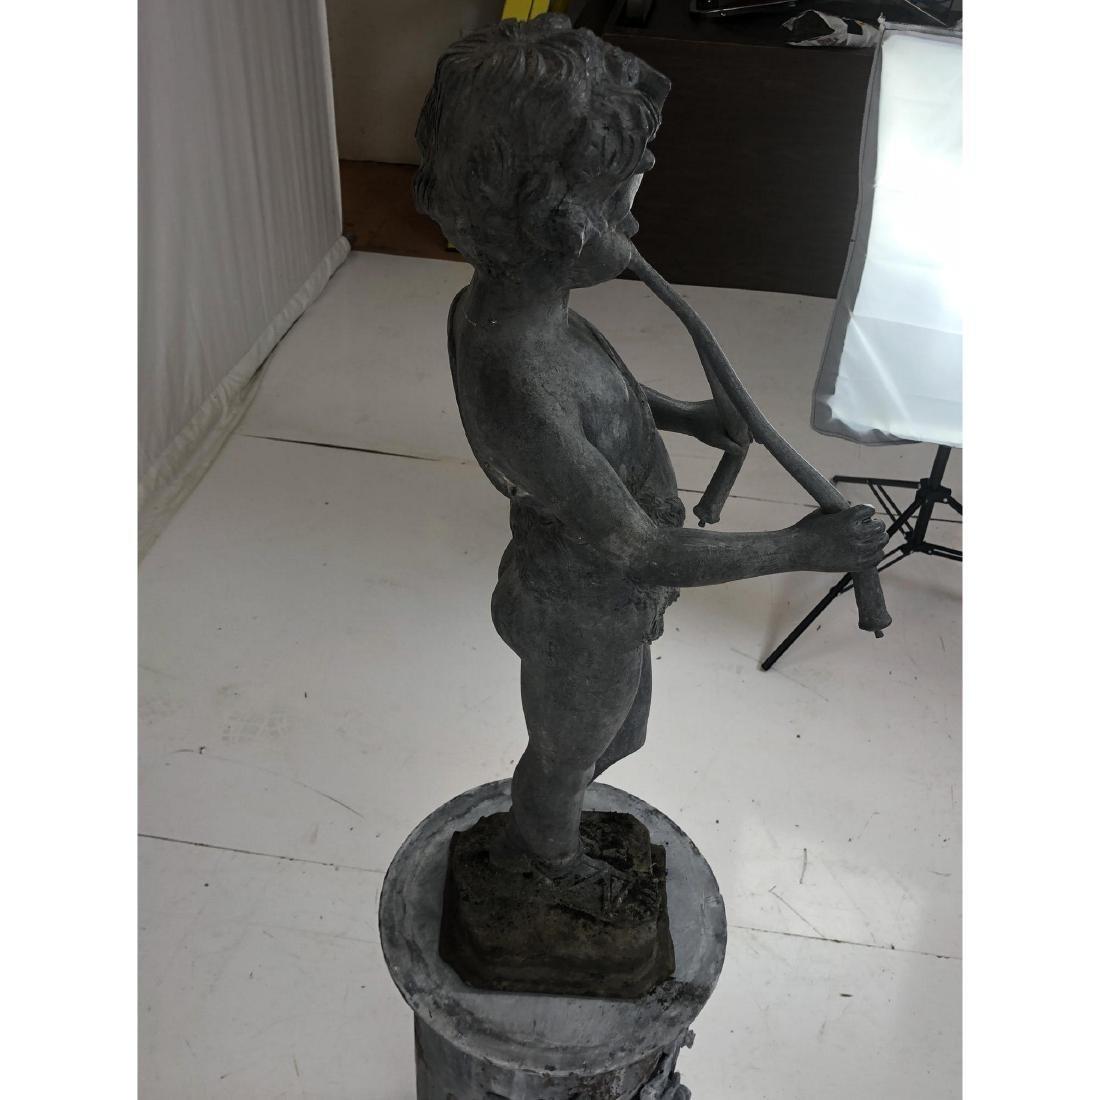 2 piece Outdoor Garden Sculpture & Pedestal. Zinc - 7